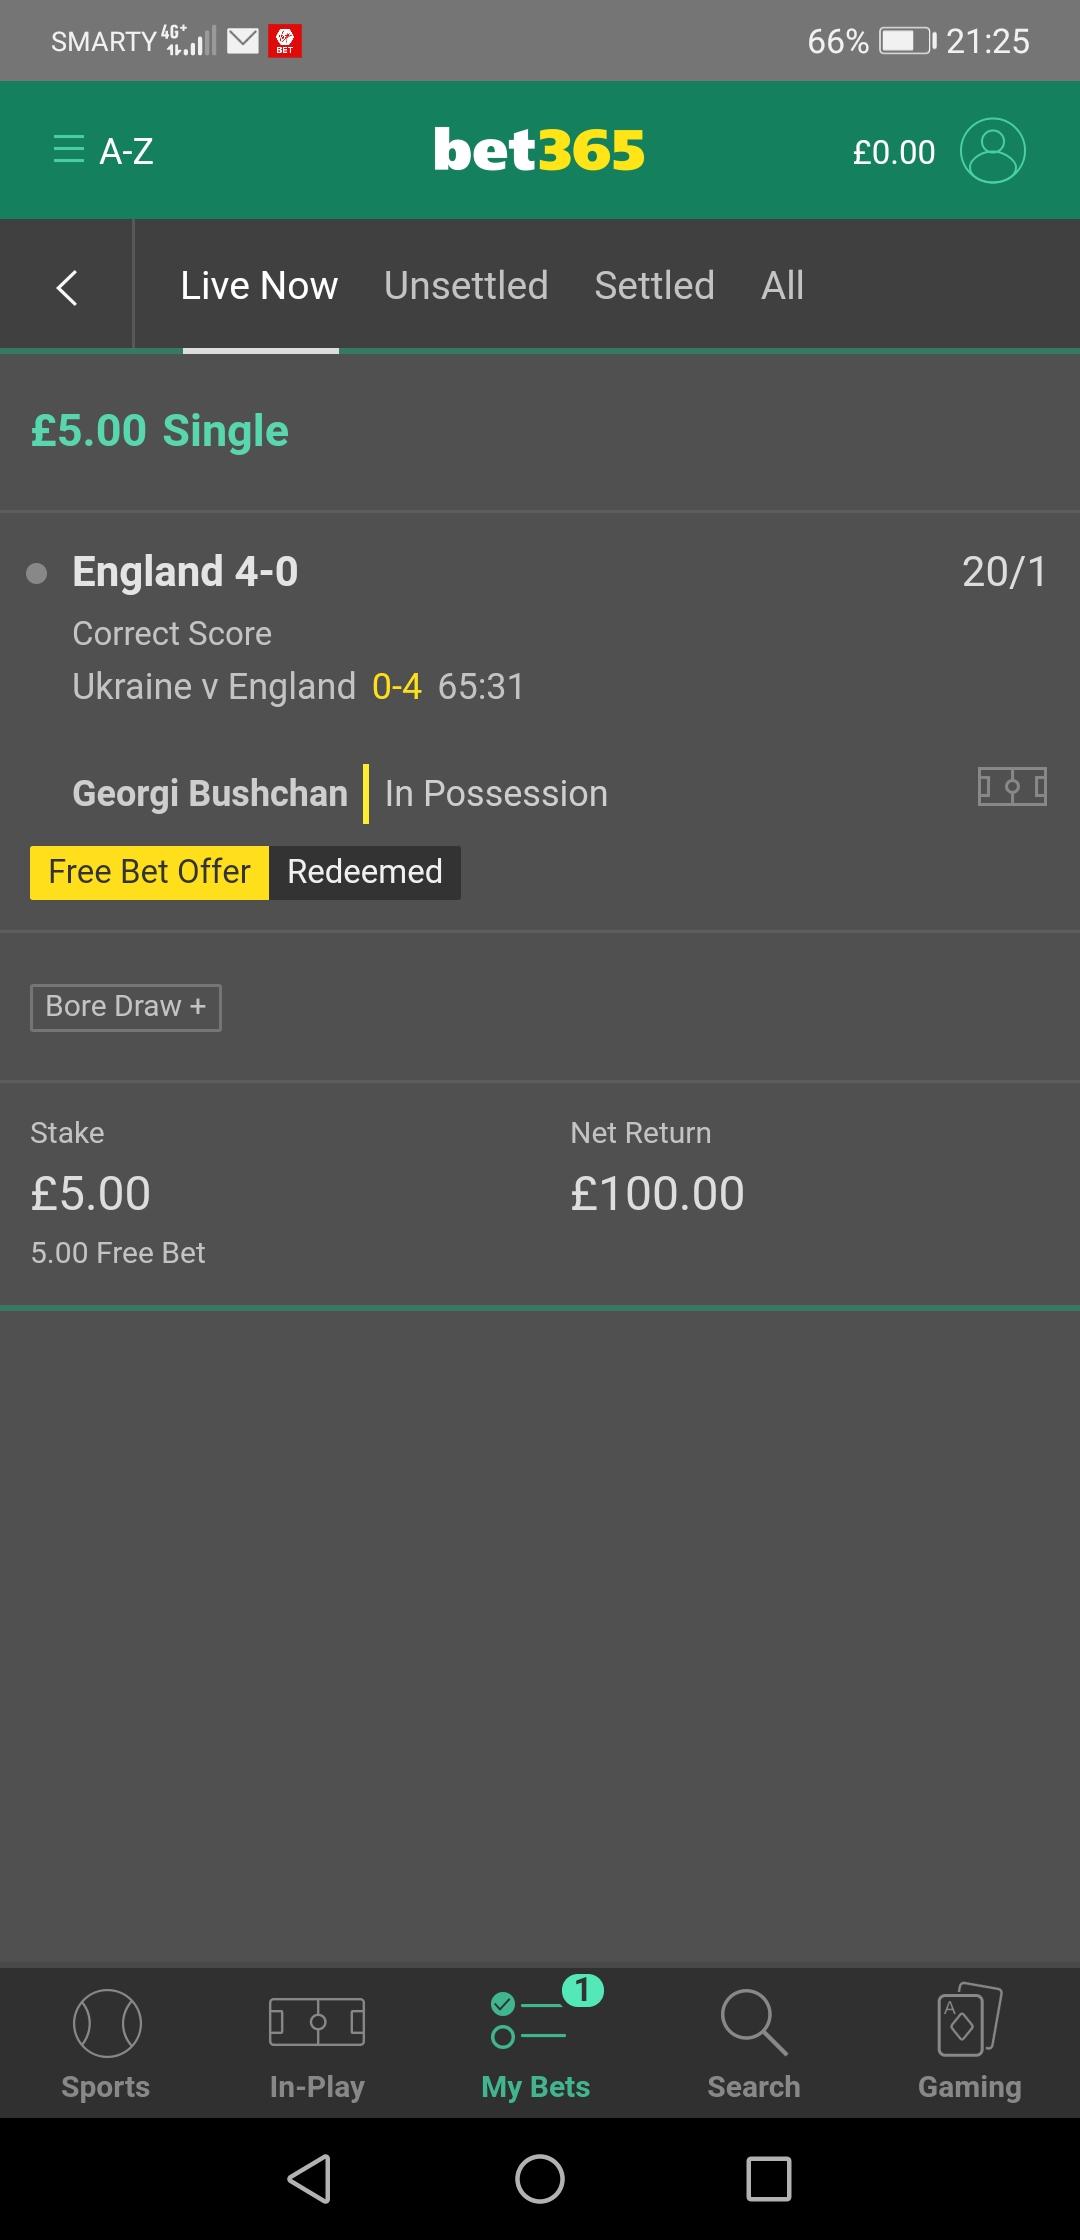 Screenshot_20210703_212519_com.bet365Wrapper.Bet365_Application.jpg